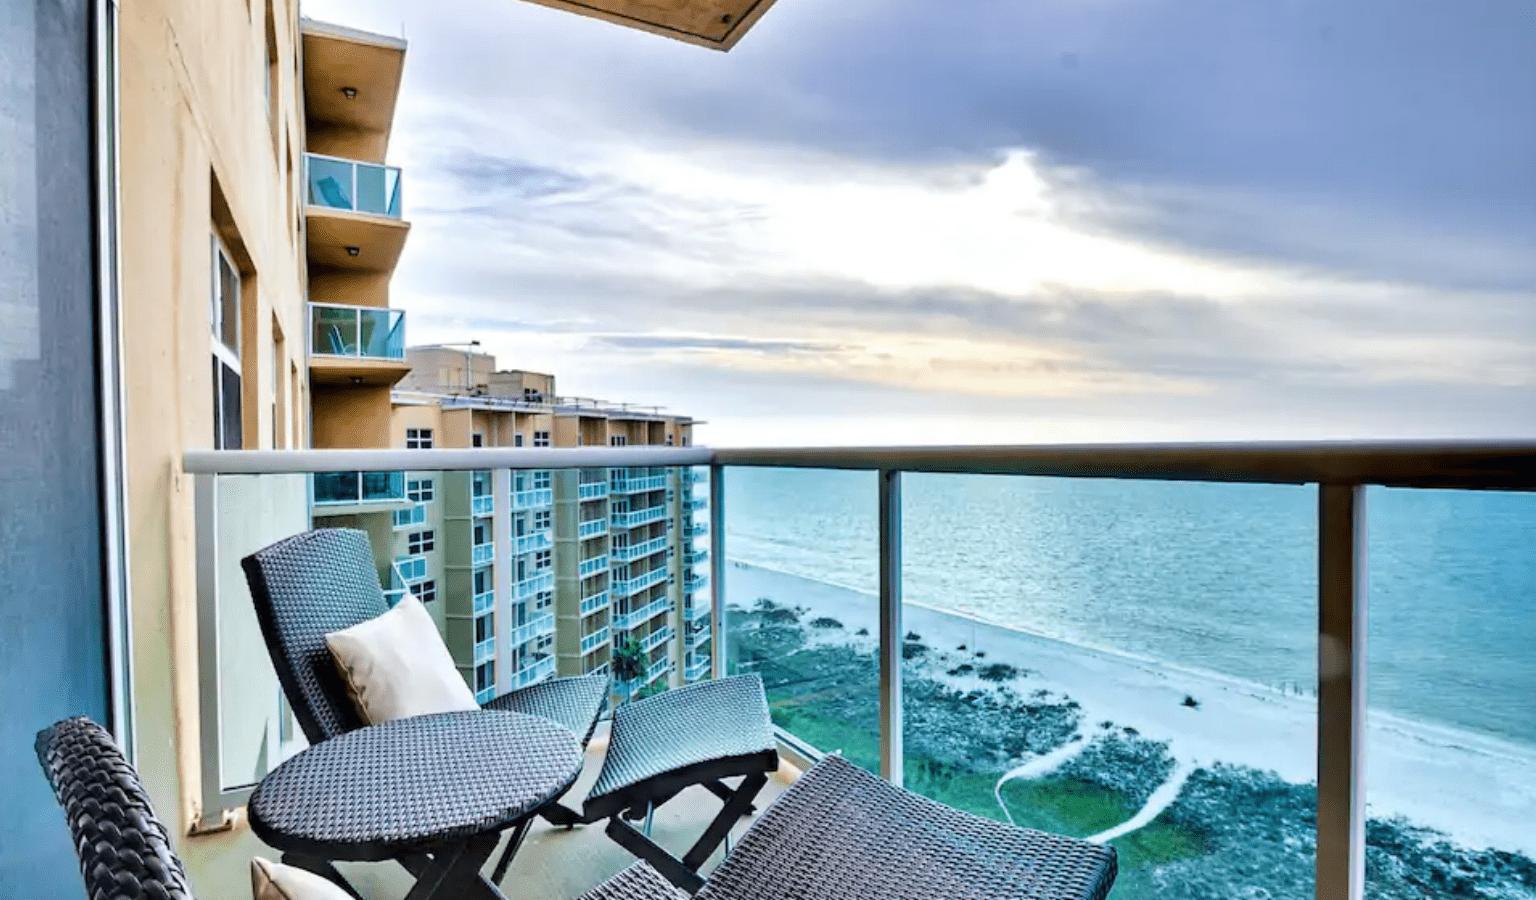 The Regatta Beach Club Airbnb in Clearwater.